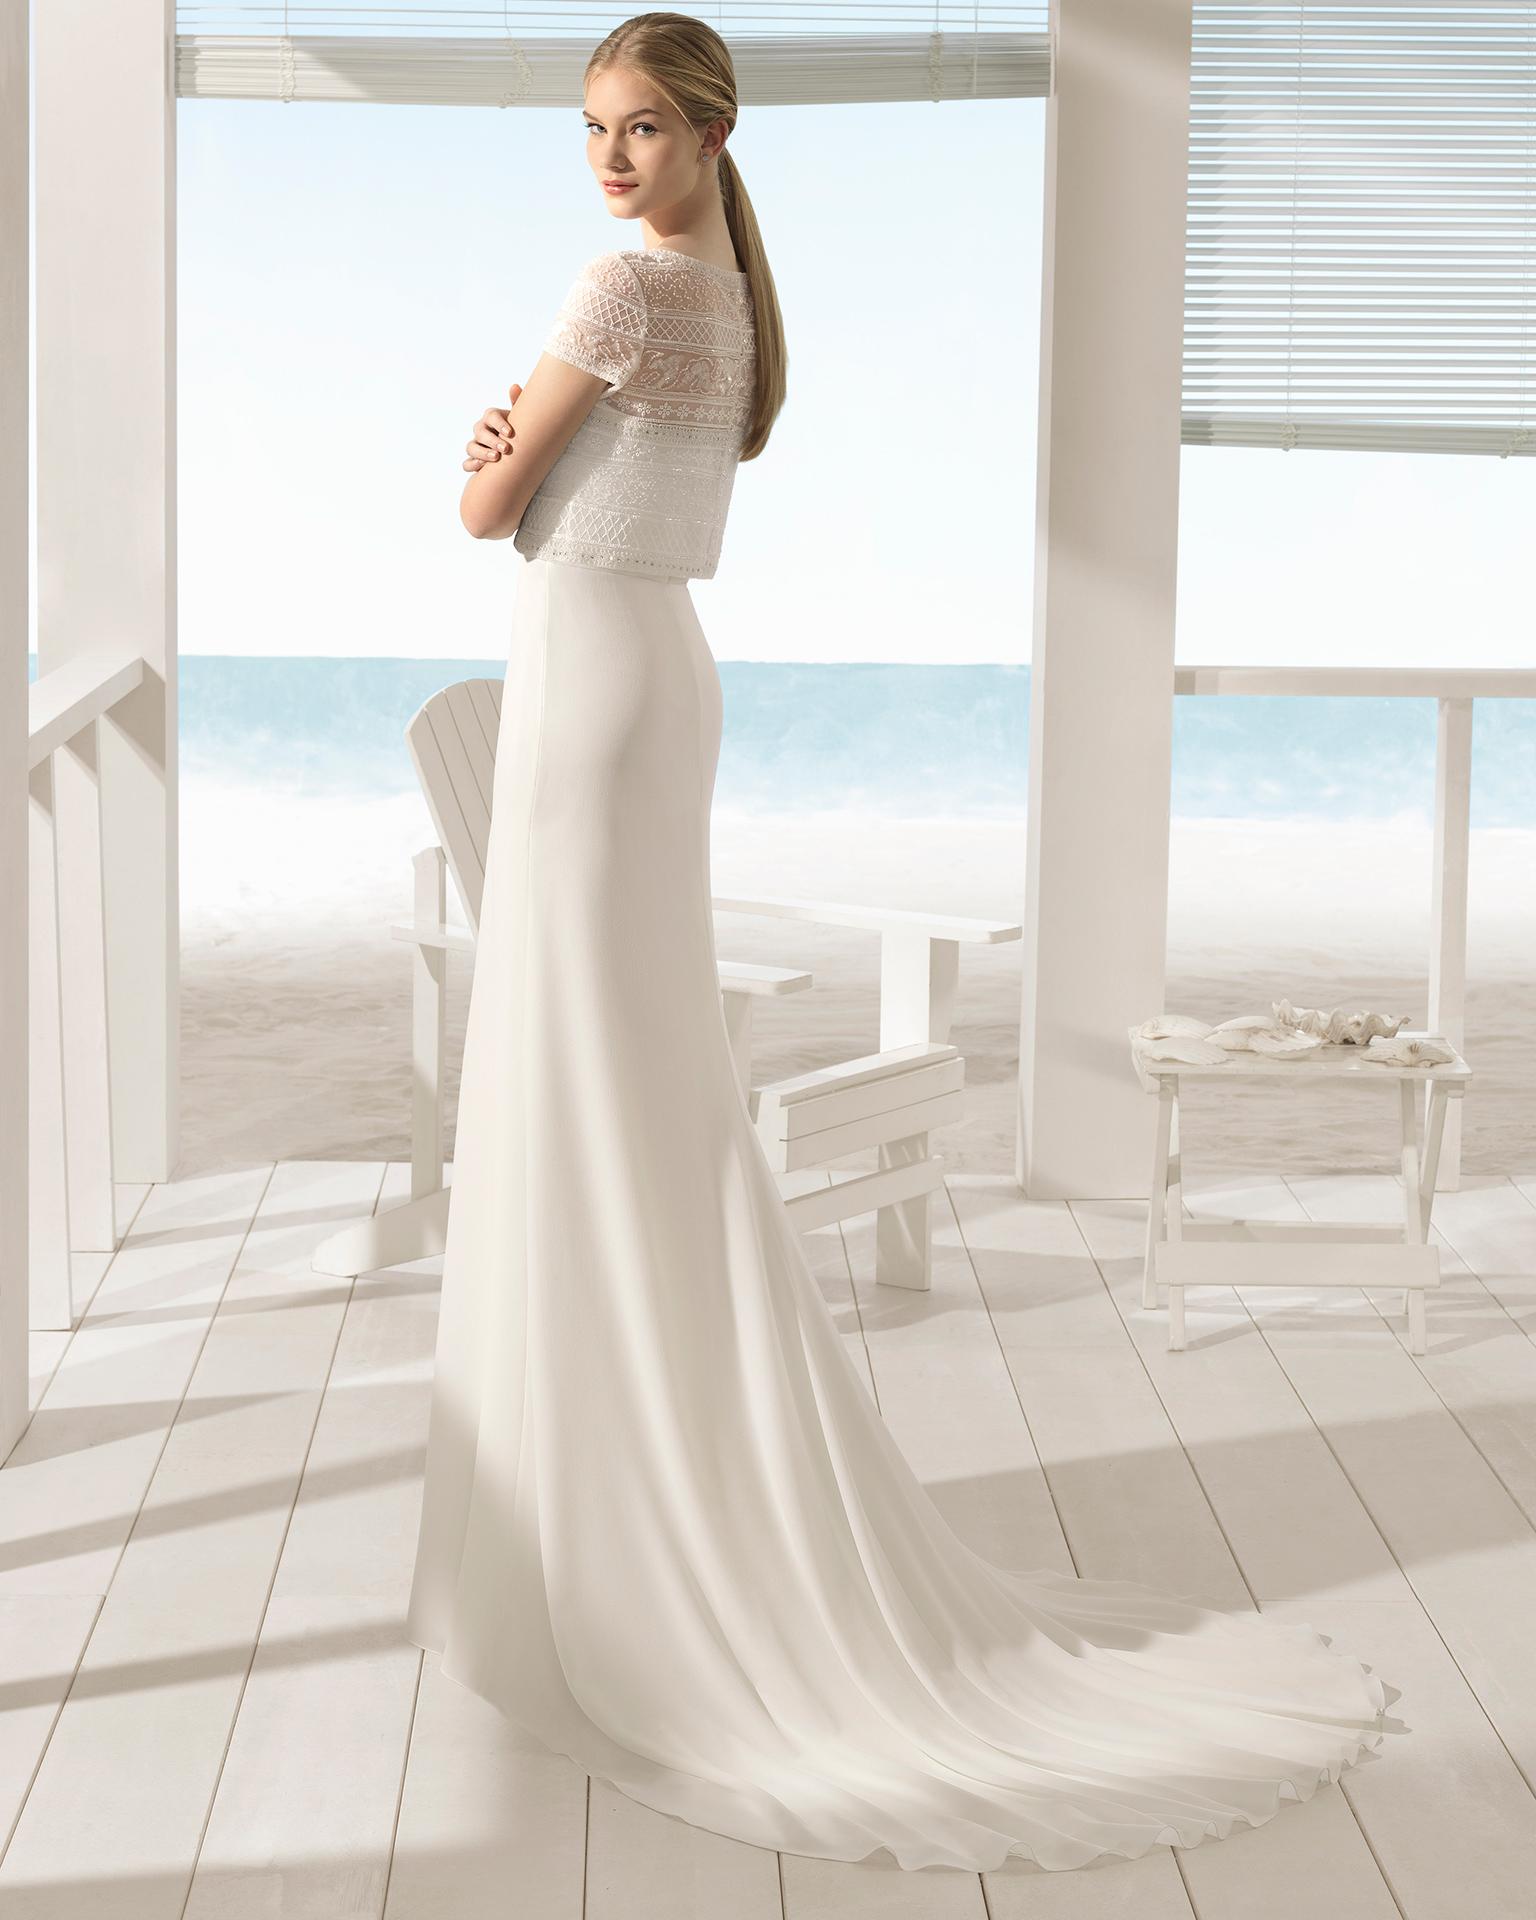 فستان زفاف من ثلاث قطع ذو نمط بوهيمي من الدانتيل المخرّم والشيفون والمزيّن بالخرز، مع فتحة أمامية وسترة.